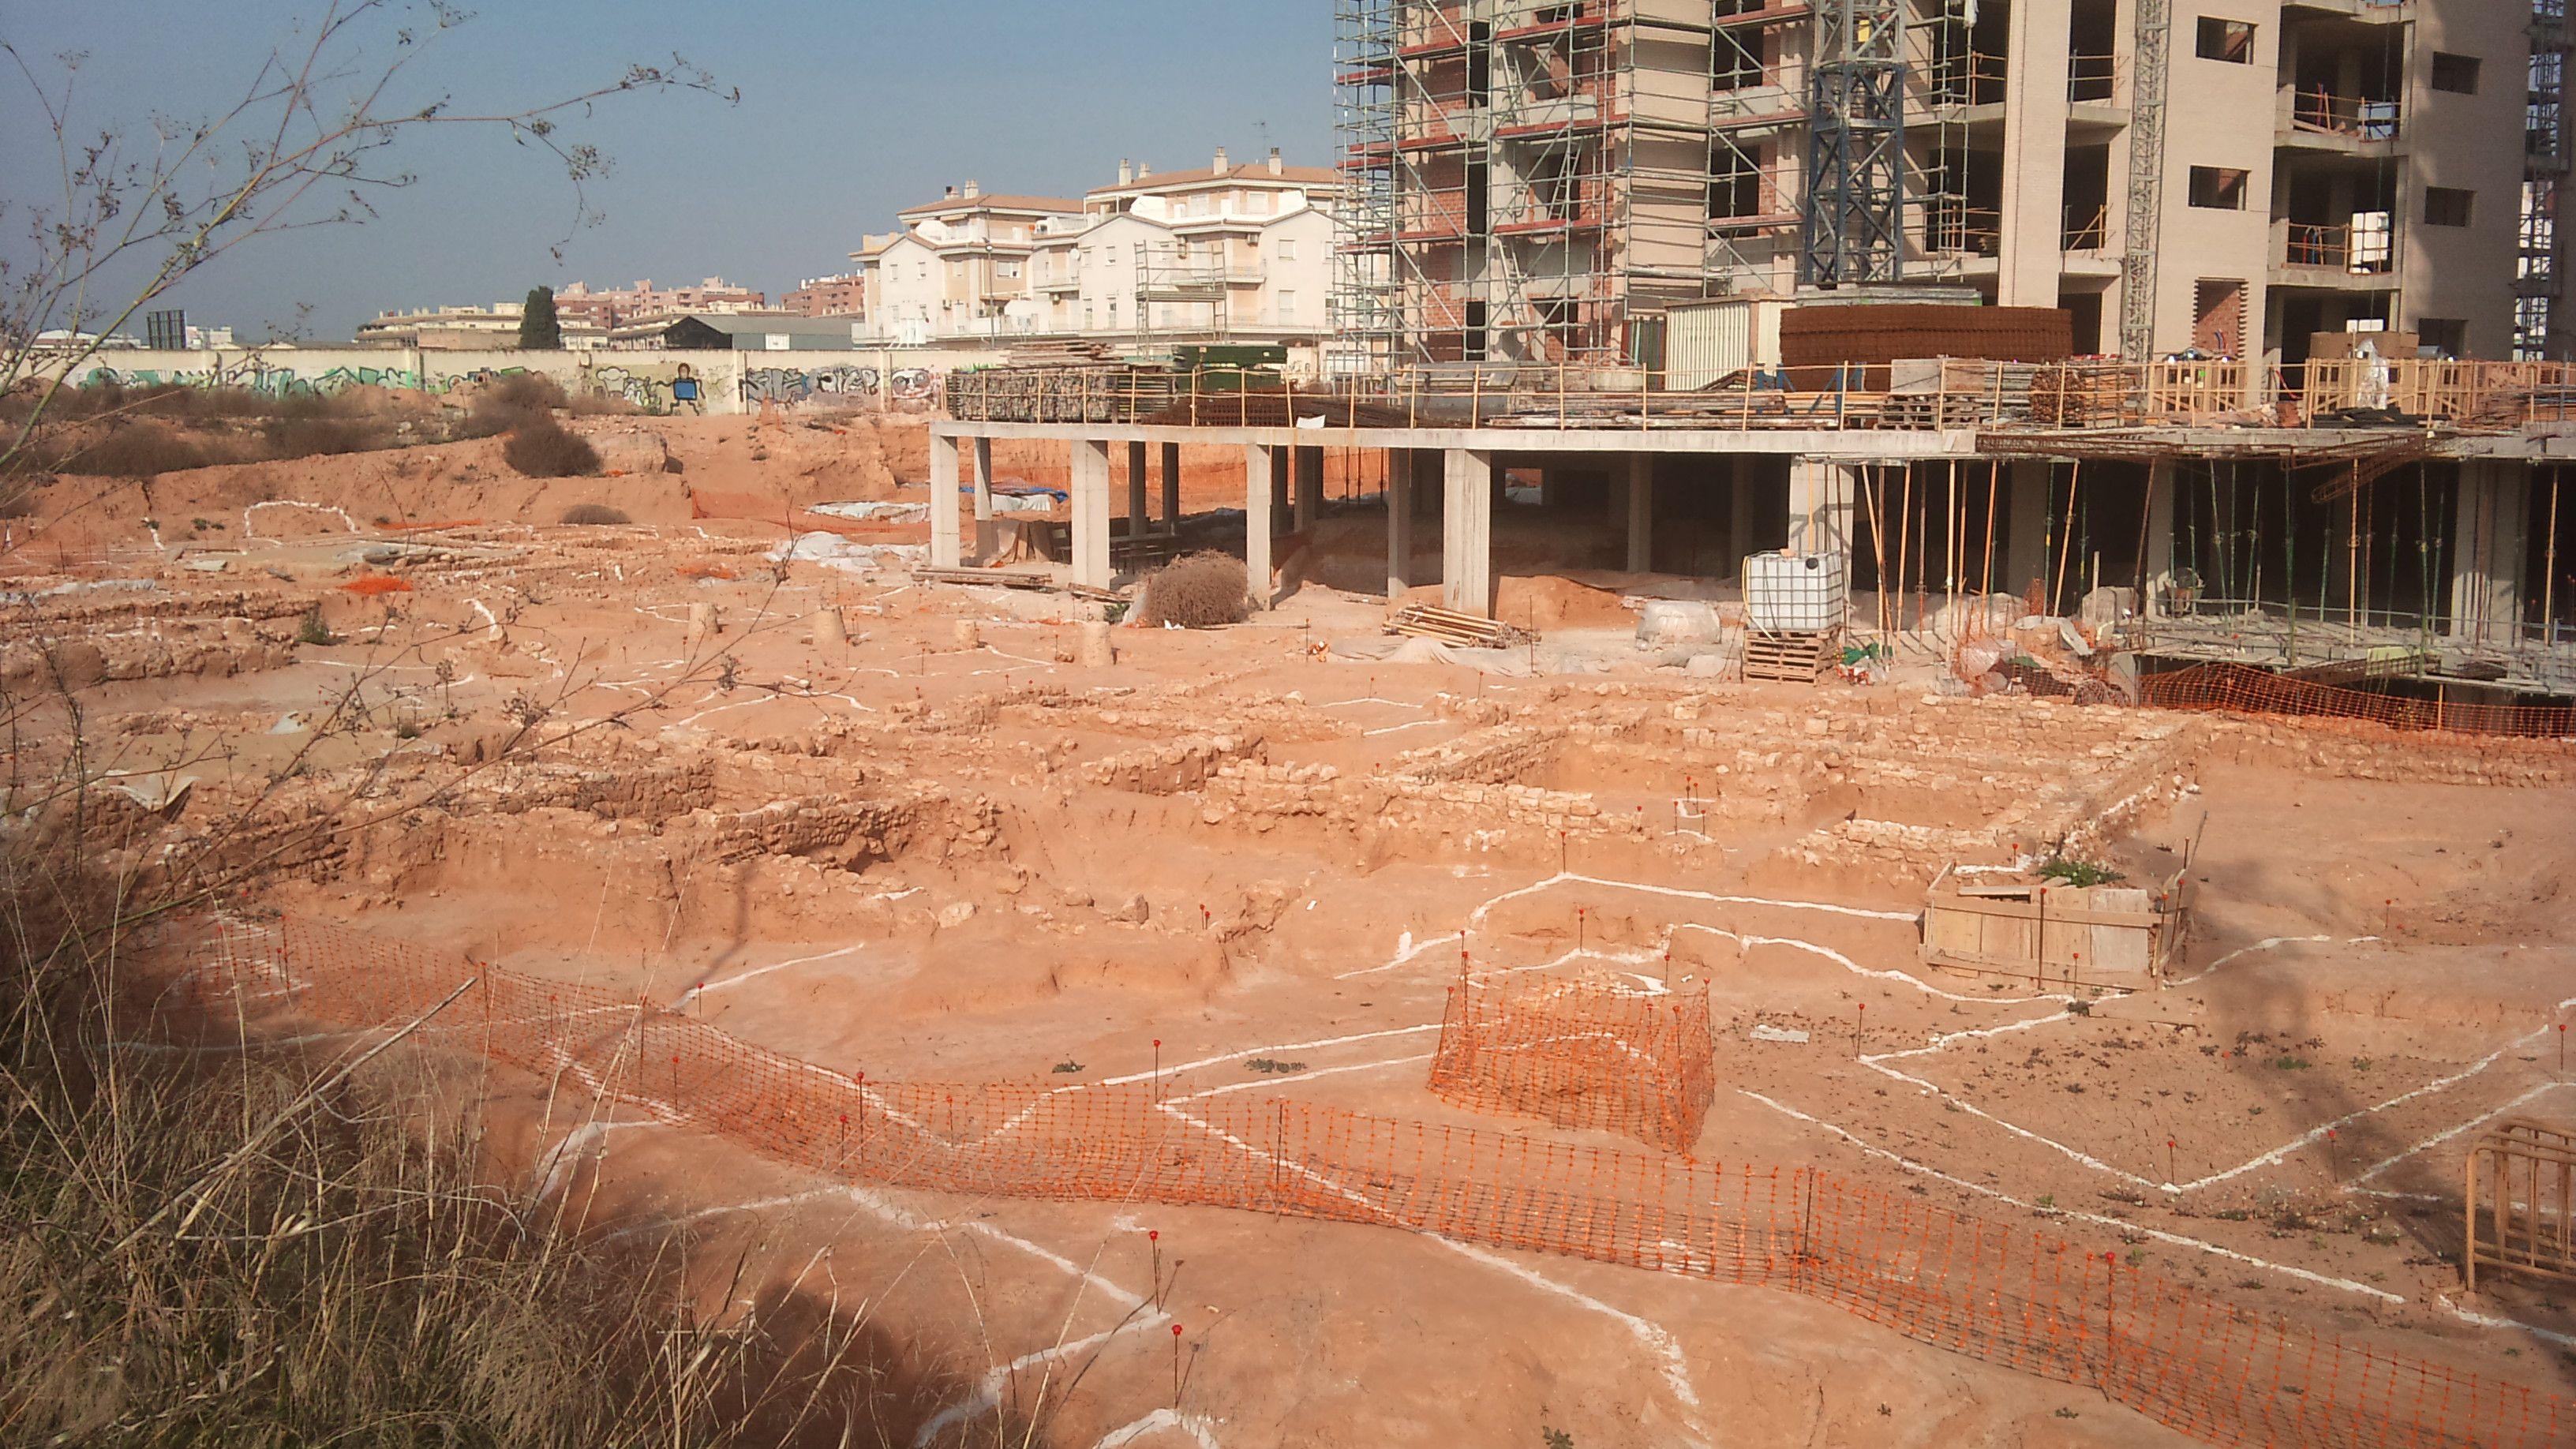 Villa romana de paterna lista roja del patrimonio - El tiempo en paterna valencia ...